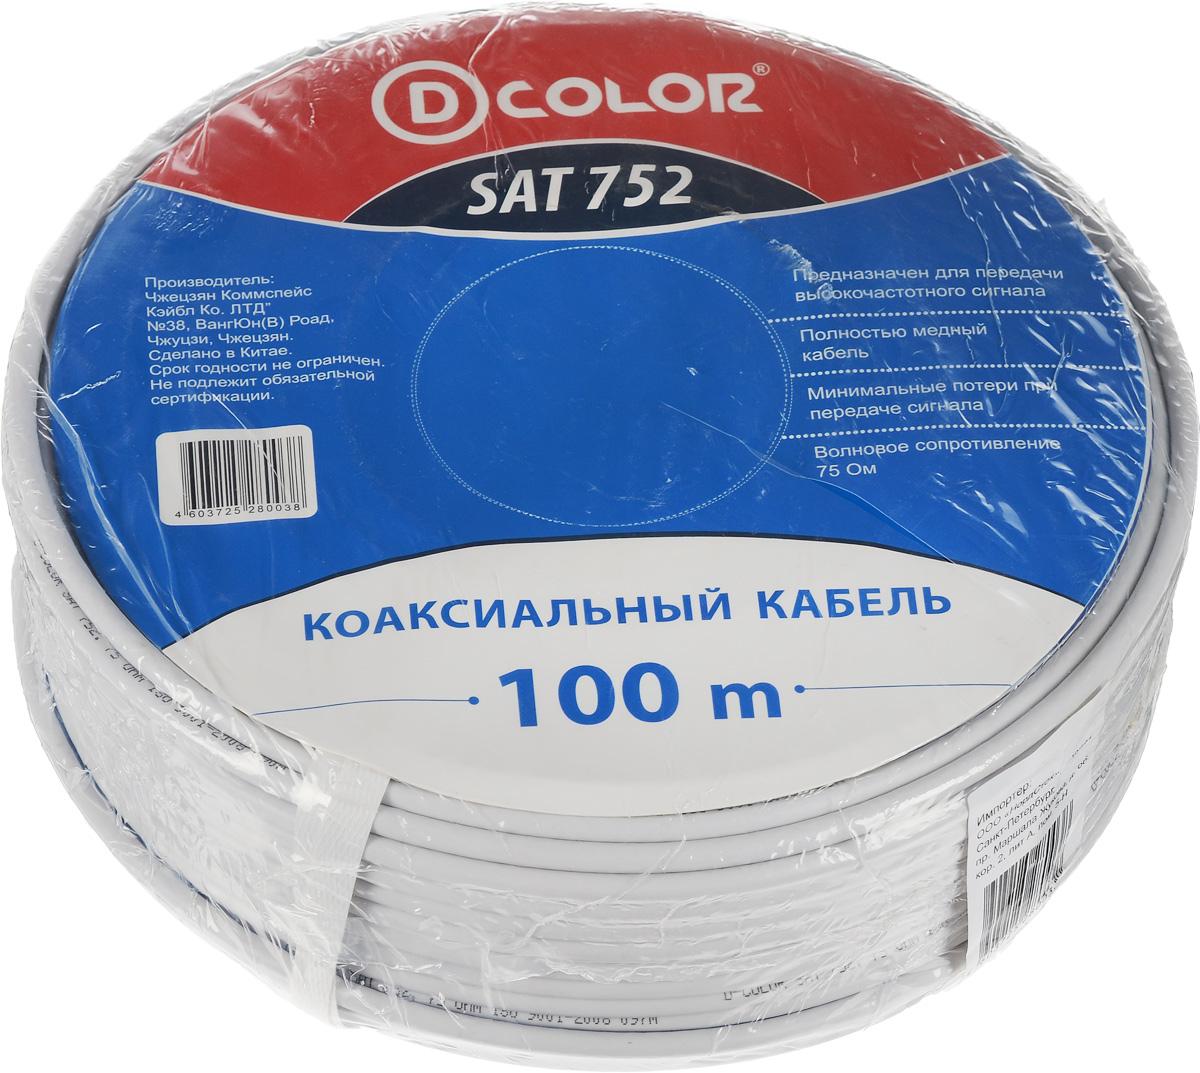 D-Color SAT 752 кабель коаксиальный  антенный кабель 17vatc луженная медь аналог sat 752 electraline 18024